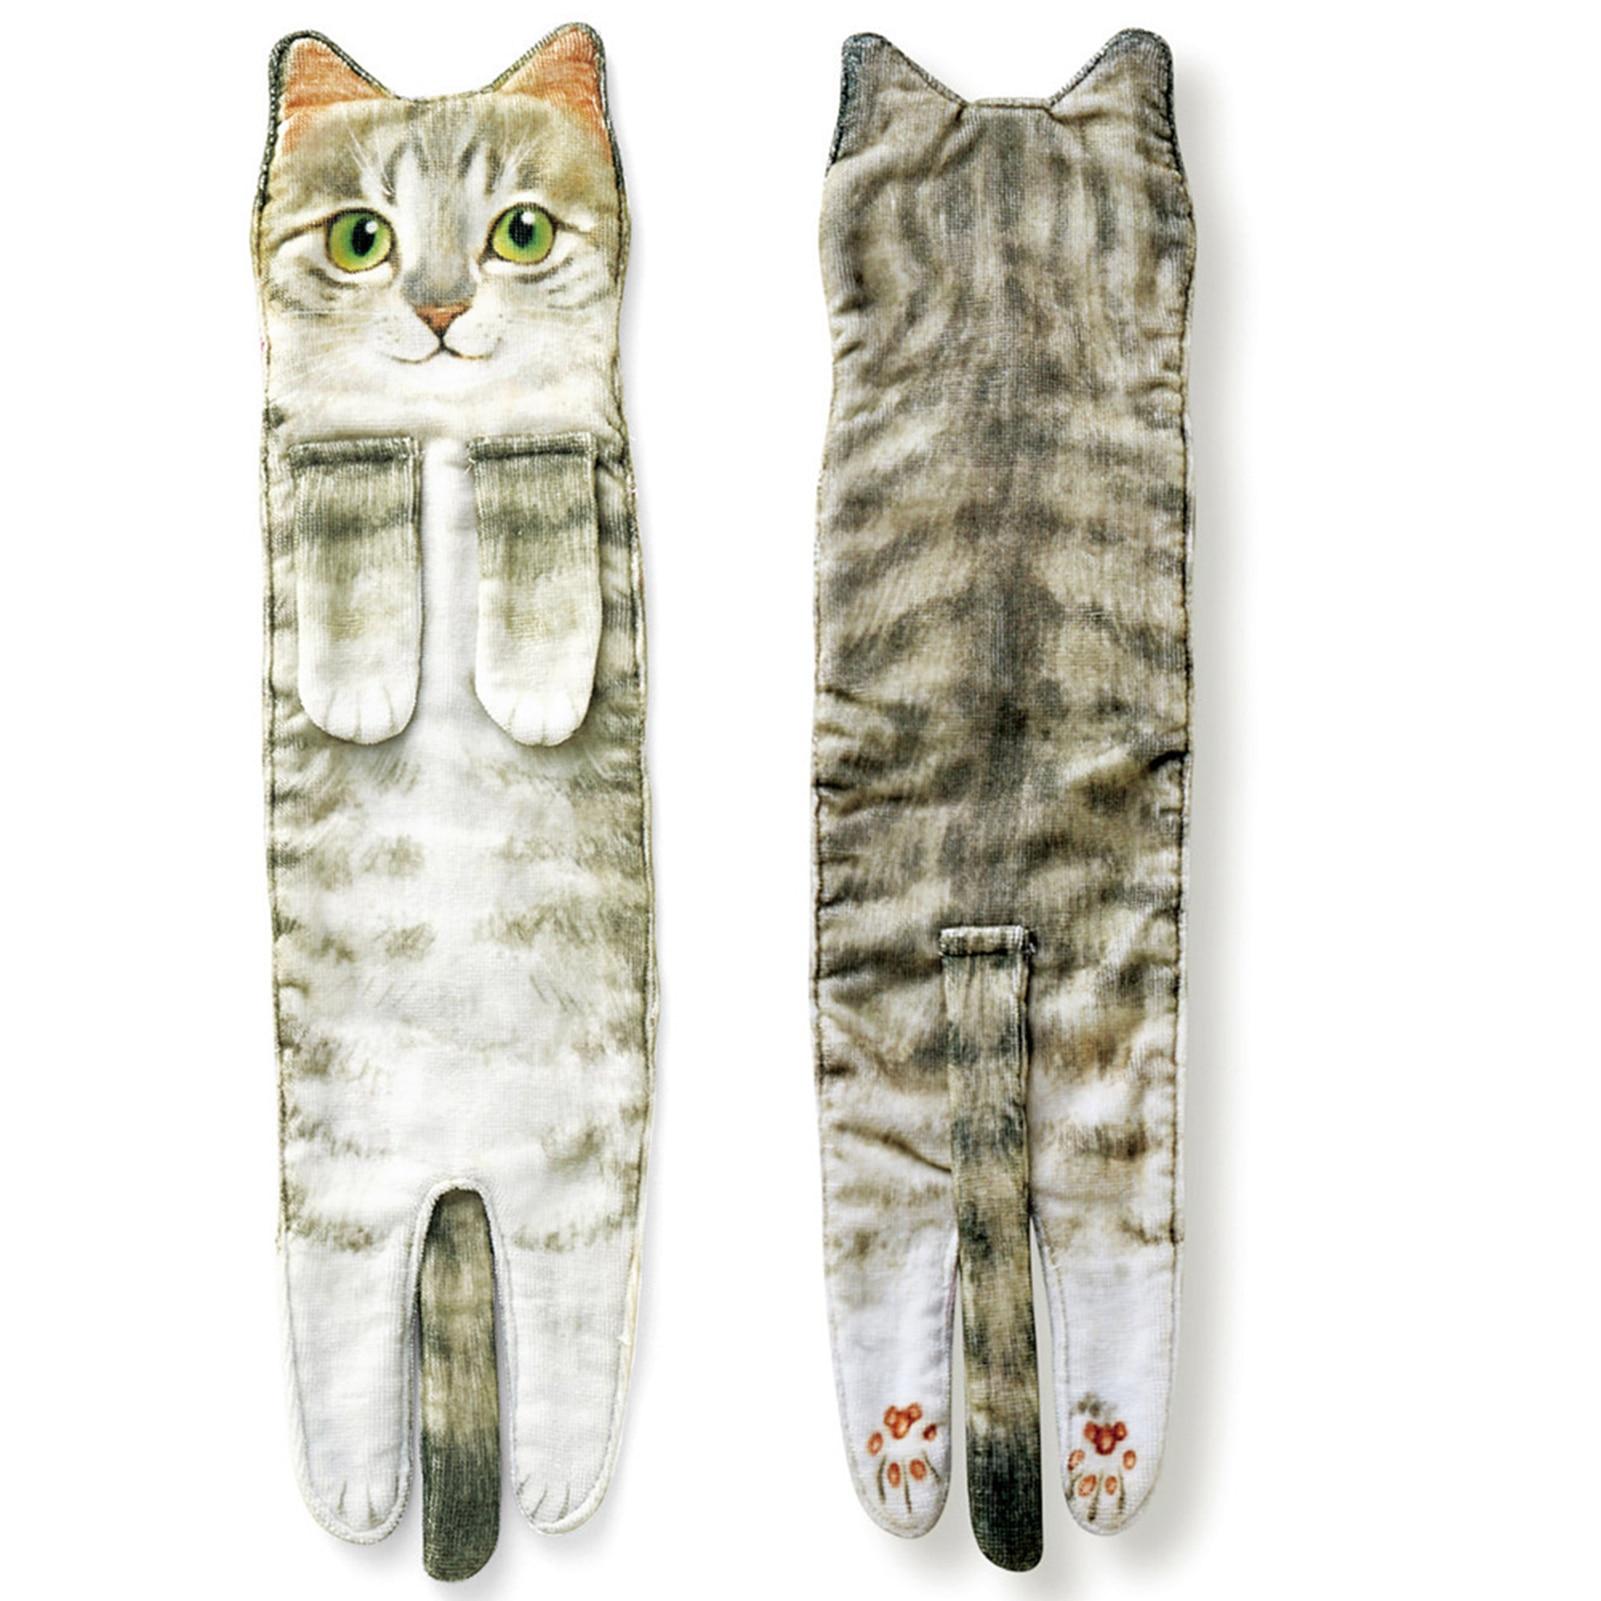 القطط منشفة من الألياف الدقيقة ماصة سوبر لطيف تنظيف منشفة للمنزل سريعة الجافة 15x52 سنتيمتر TB بيع